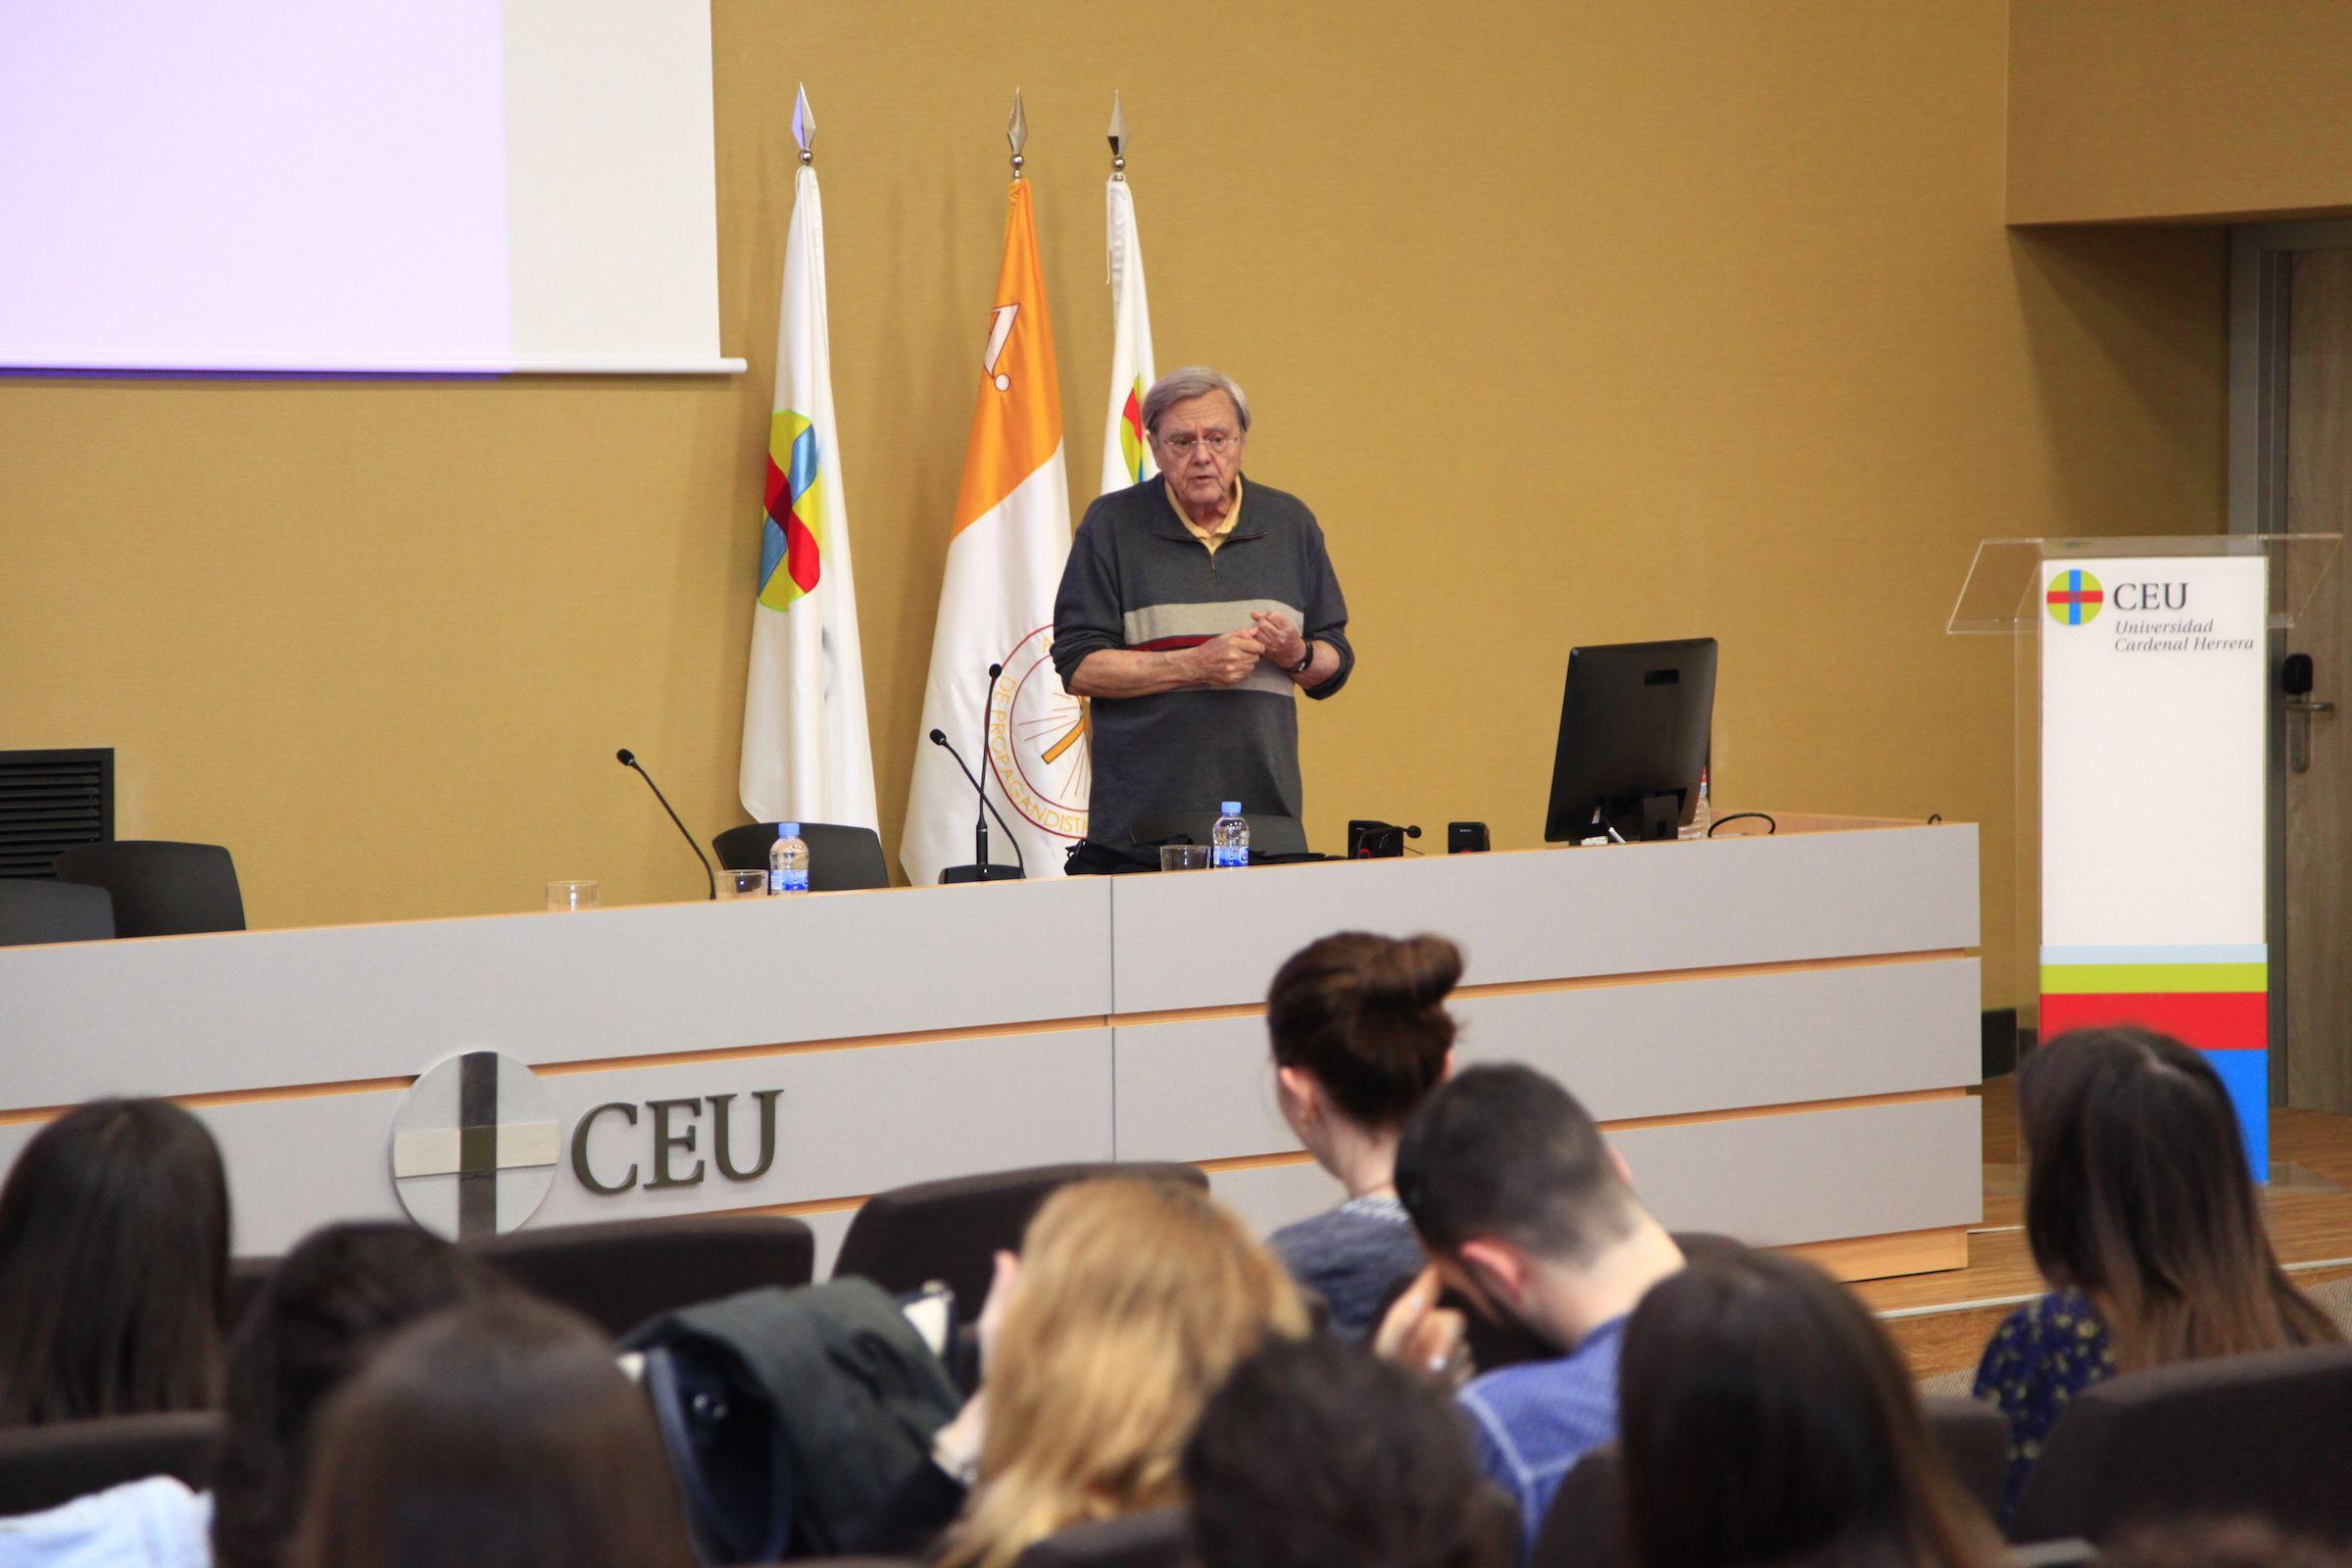 Jack C. de la Torre, profesor de Neuropsicología de la University of Texas at Austin, en la CEU UCH.